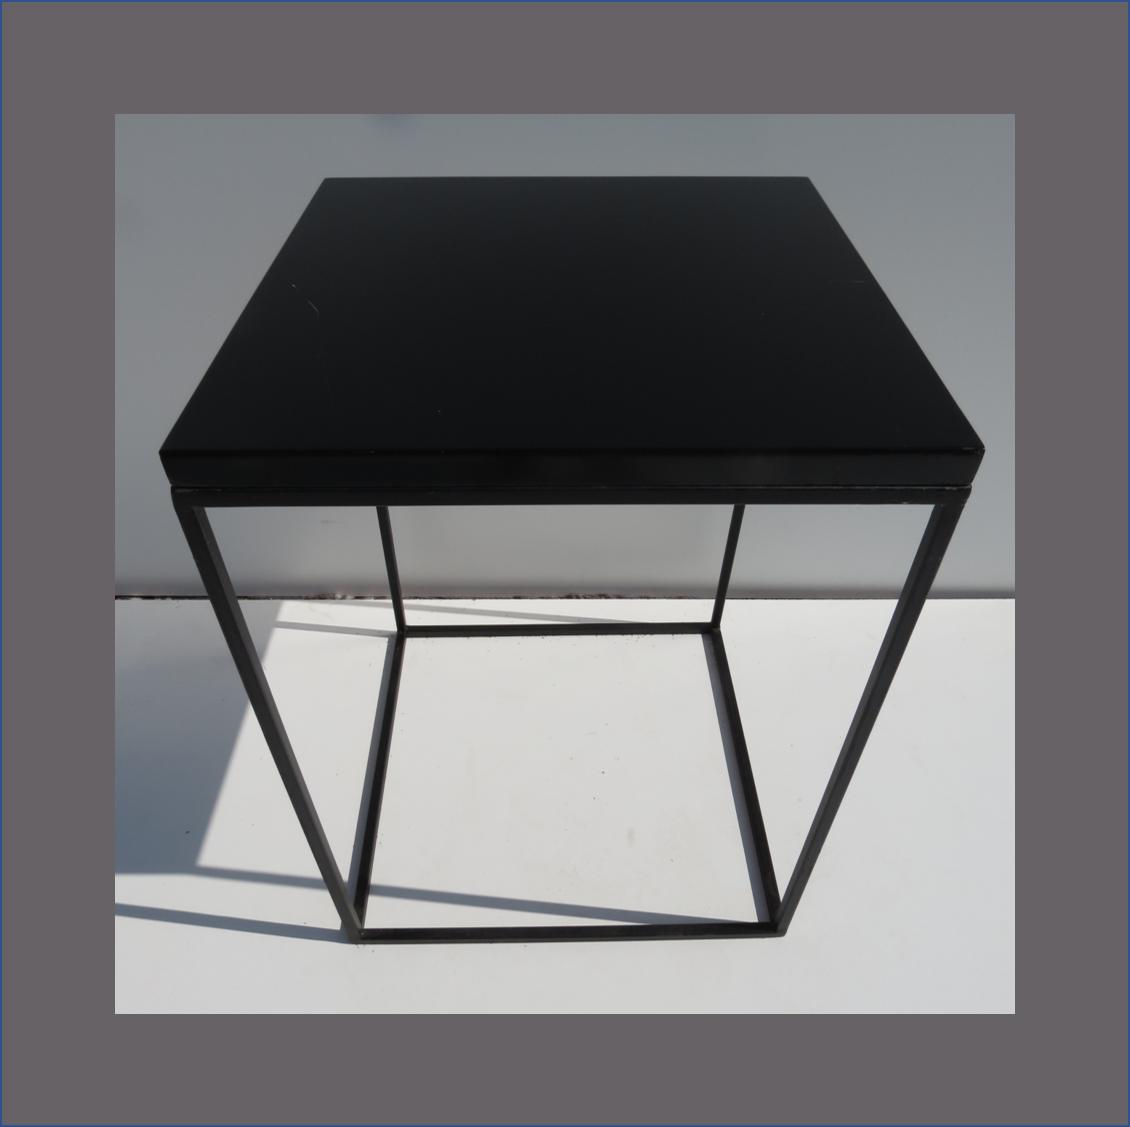 steel-frame-cafe-table